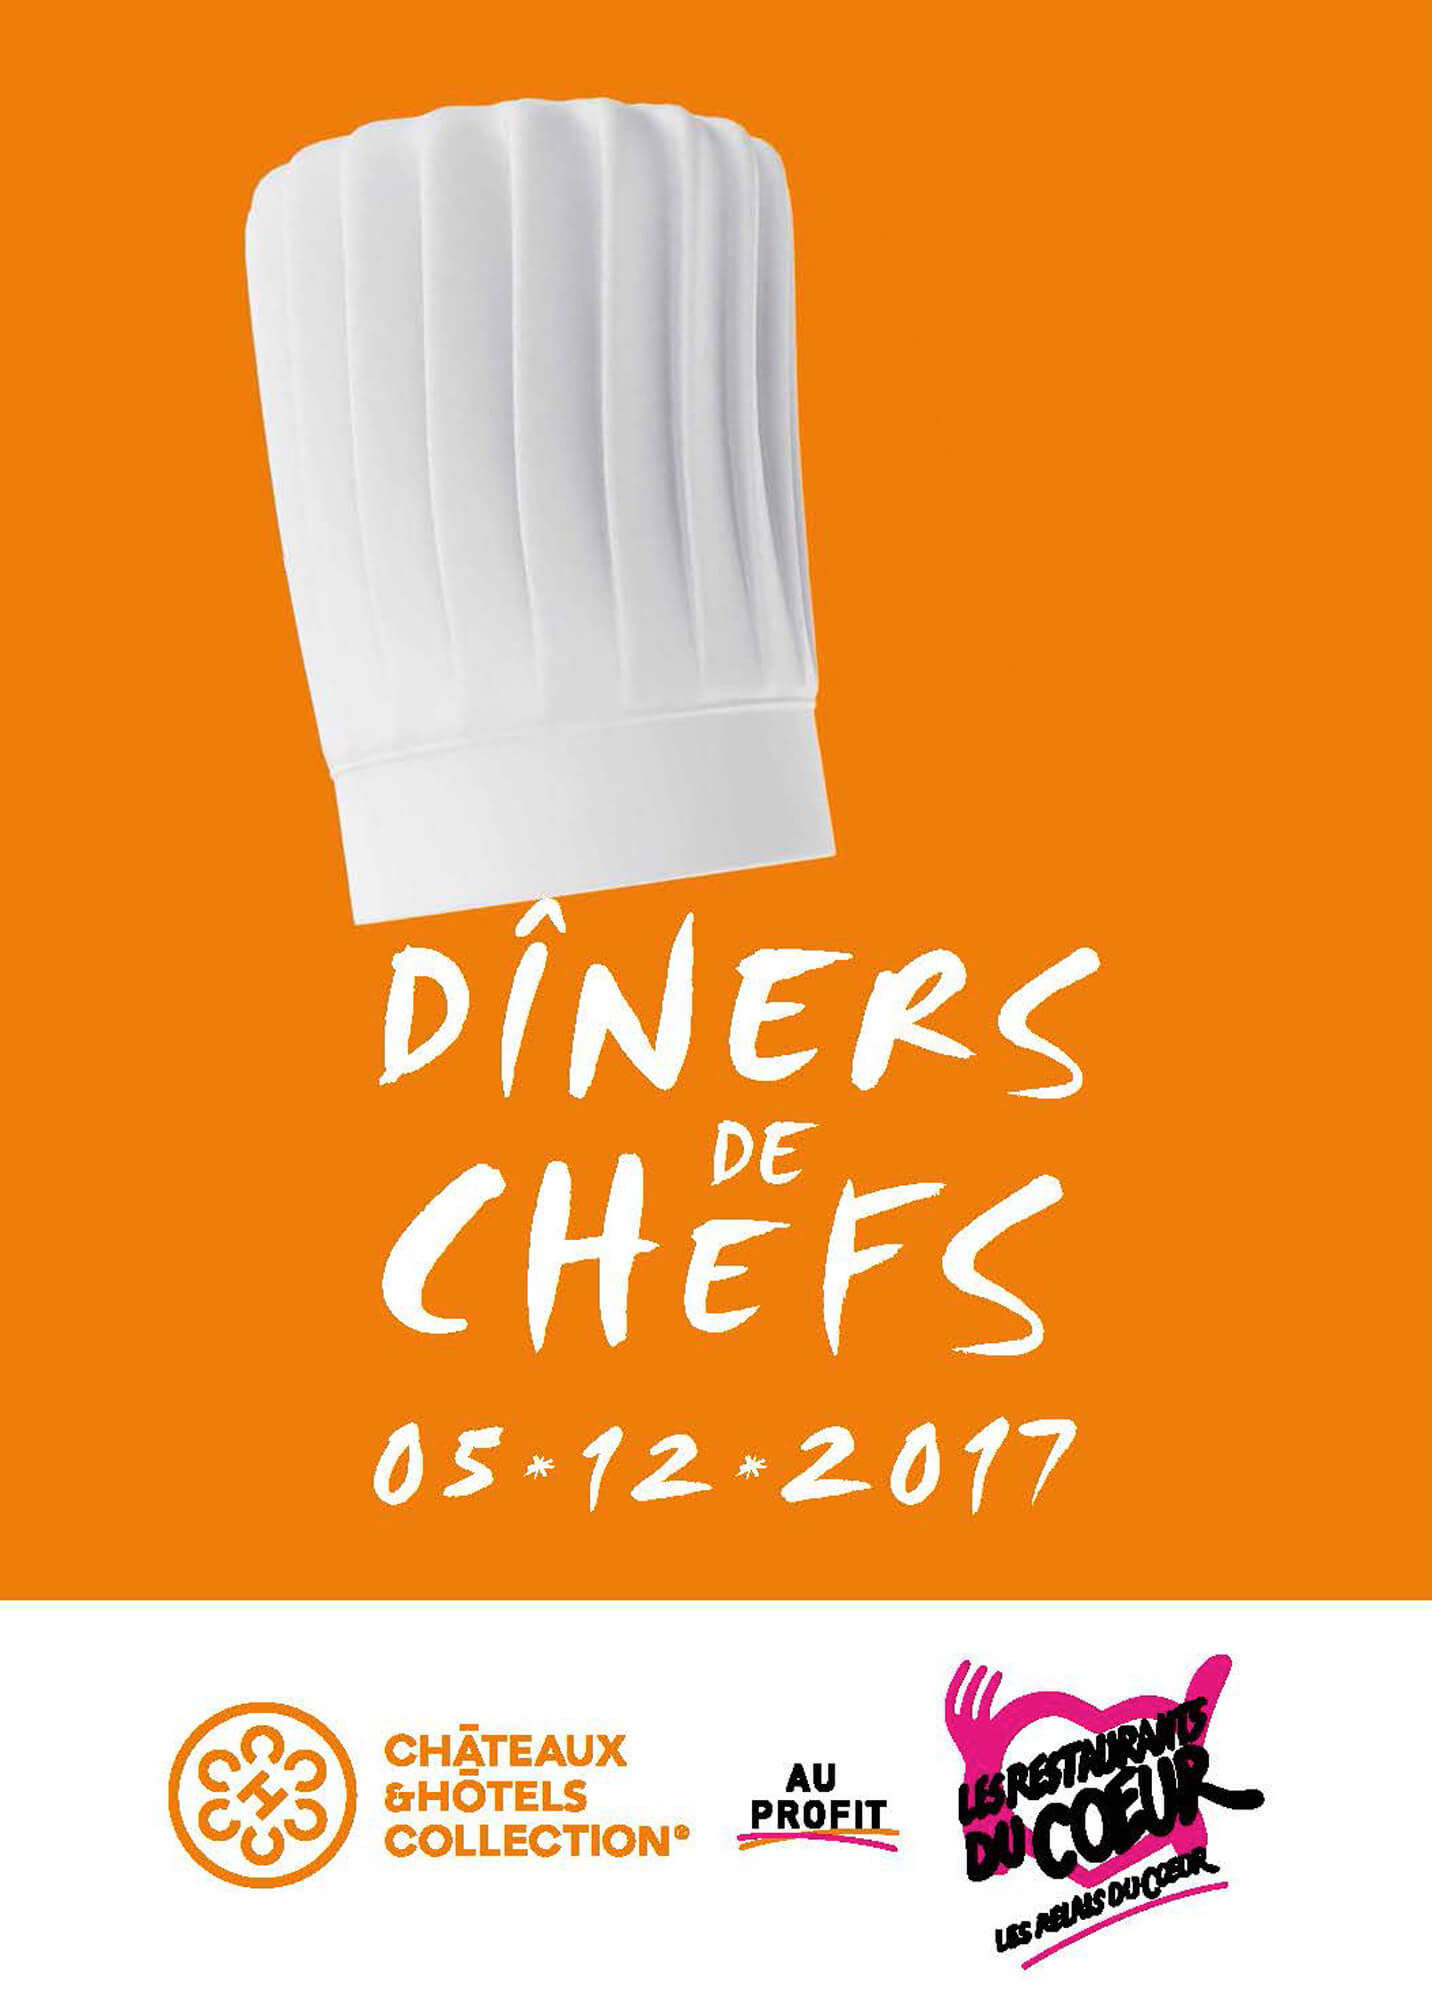 Les Dîners de Chefs au profit des Restaurant du Coeur auront lieu le 5 décembre 2017